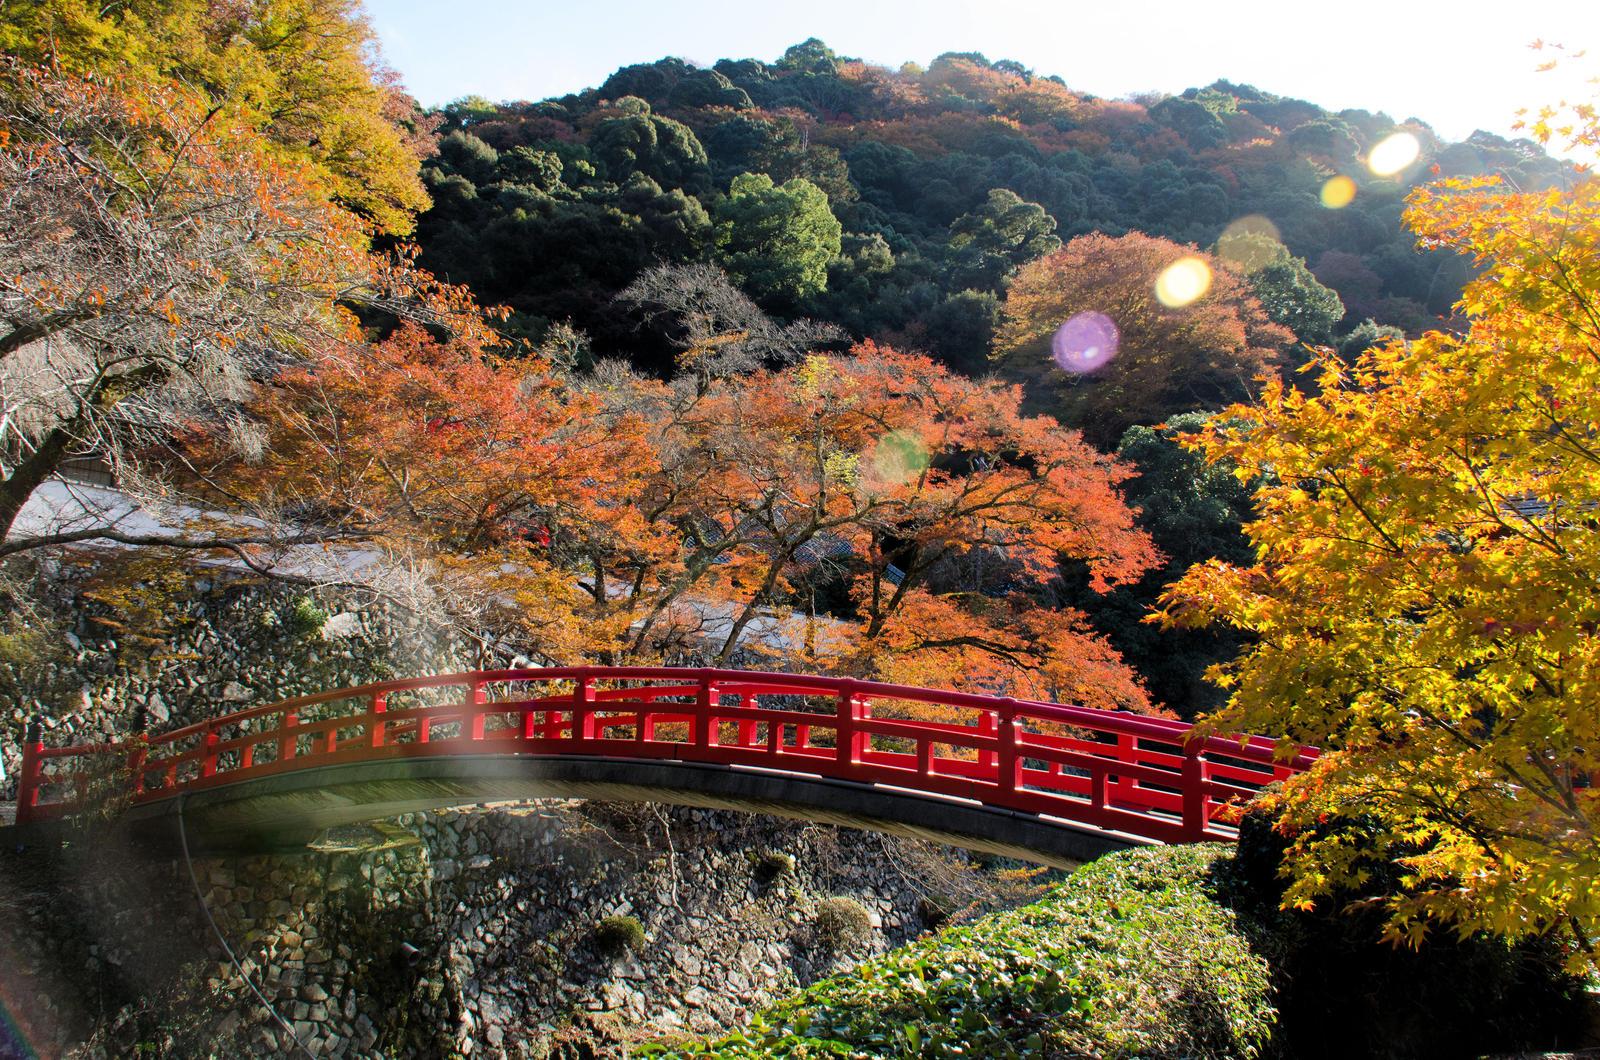 Minoo Park, Osaka by narasinha2015 on DeviantArt